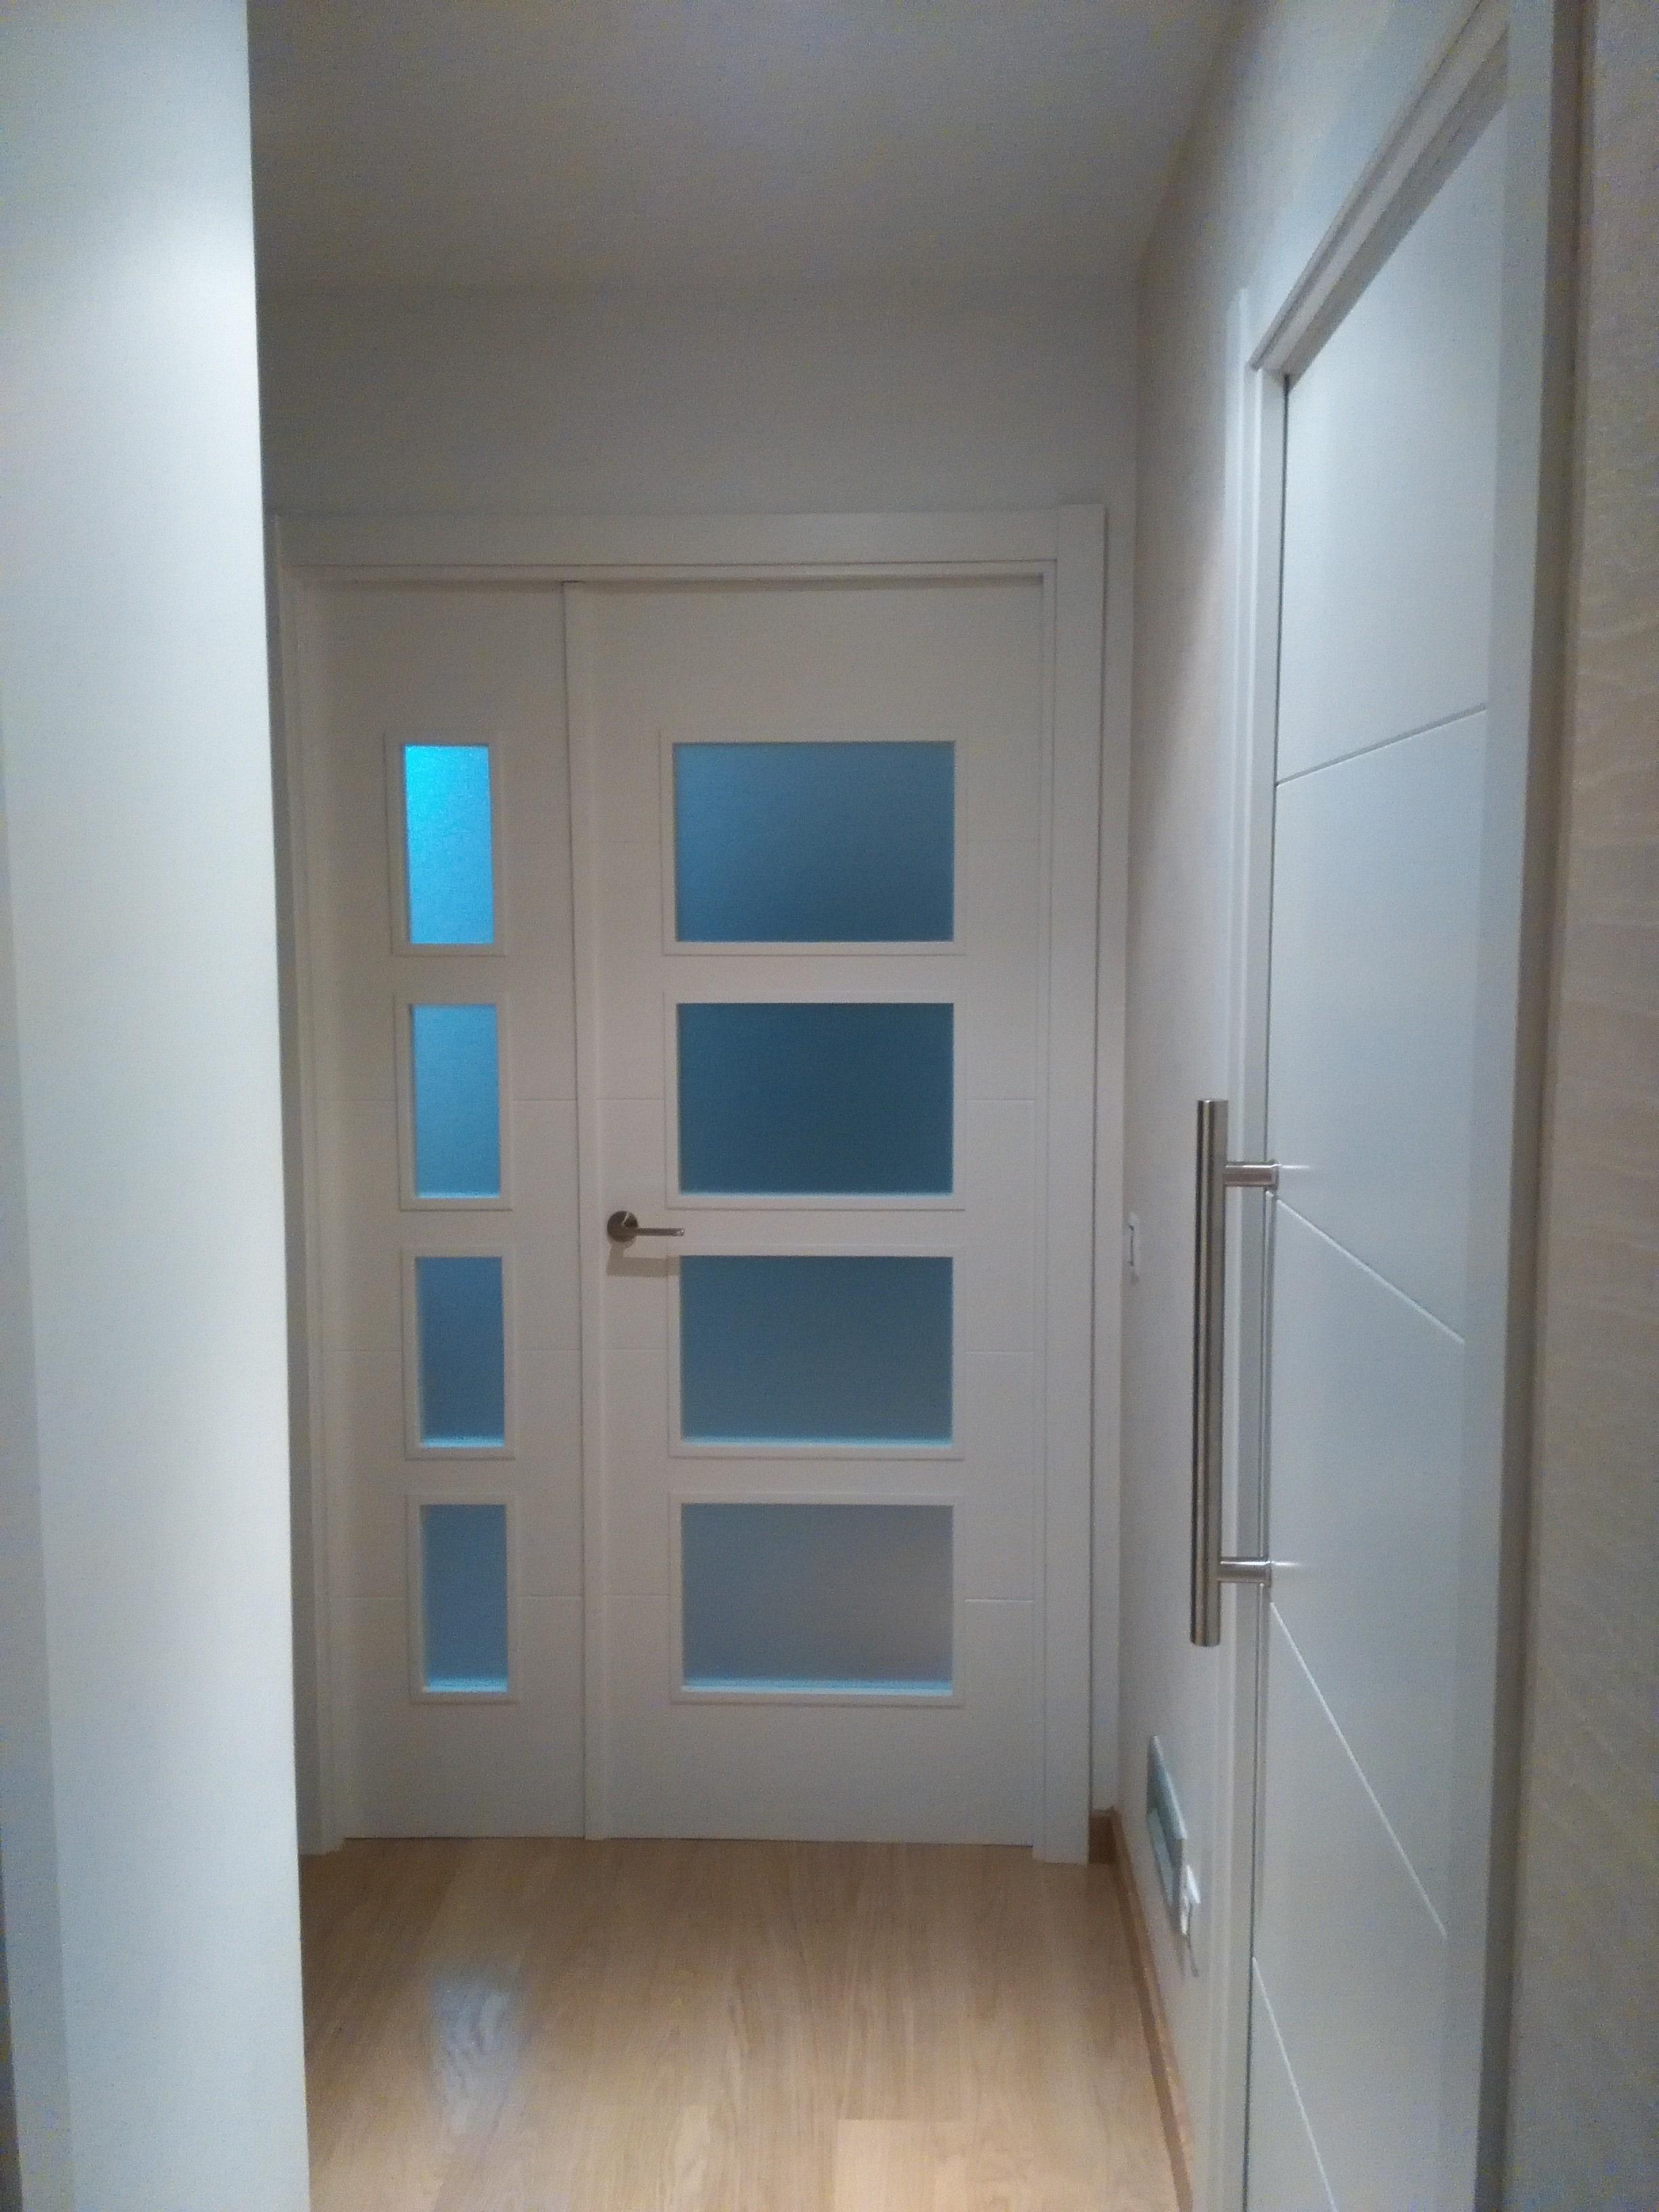 Puertas pintura papel pintado y ampliaci n cocina en for Papel pintado para puertas